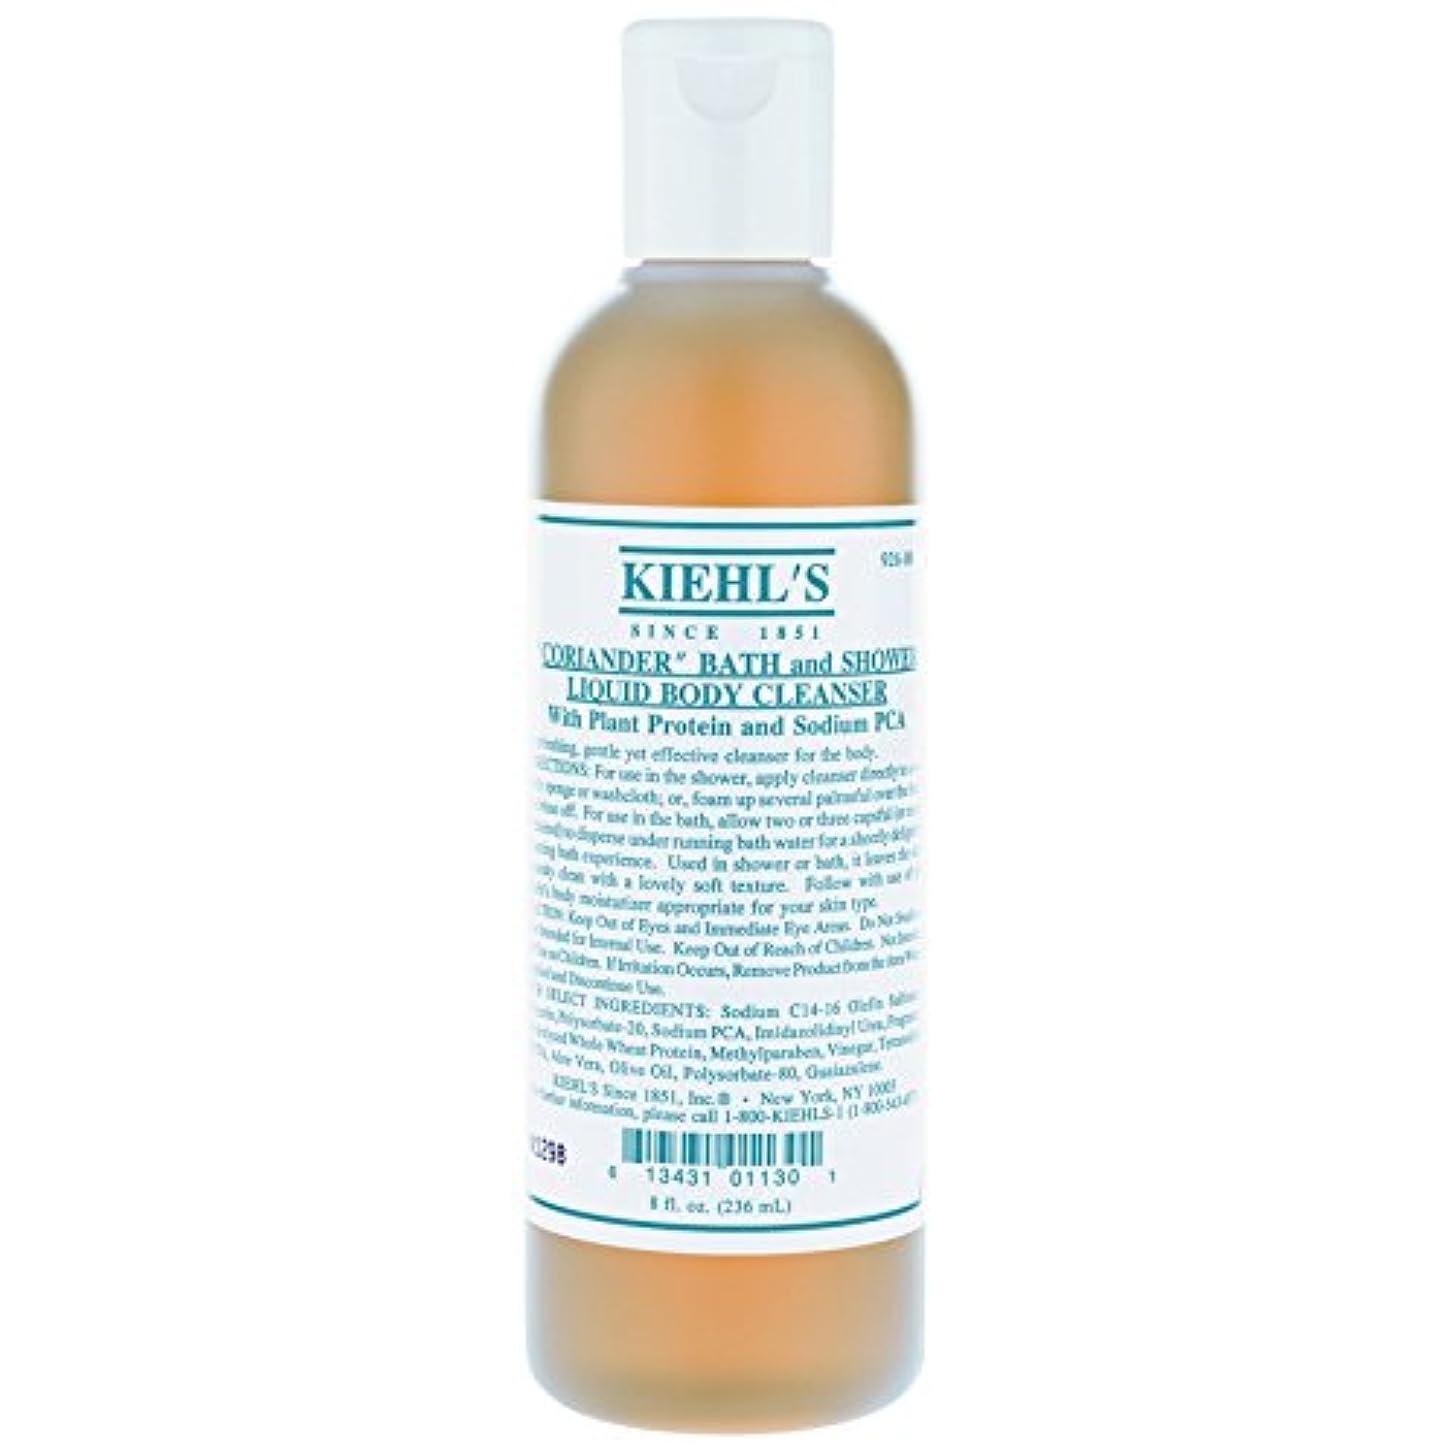 天驚きさようなら[Kiehl's] キールズコリアンダーバス&シャワー液体ボディクレンザー500ミリリットル - Kiehl's Coriander Bath & Shower Liquid Body Cleanser 500ml [並行輸入品]